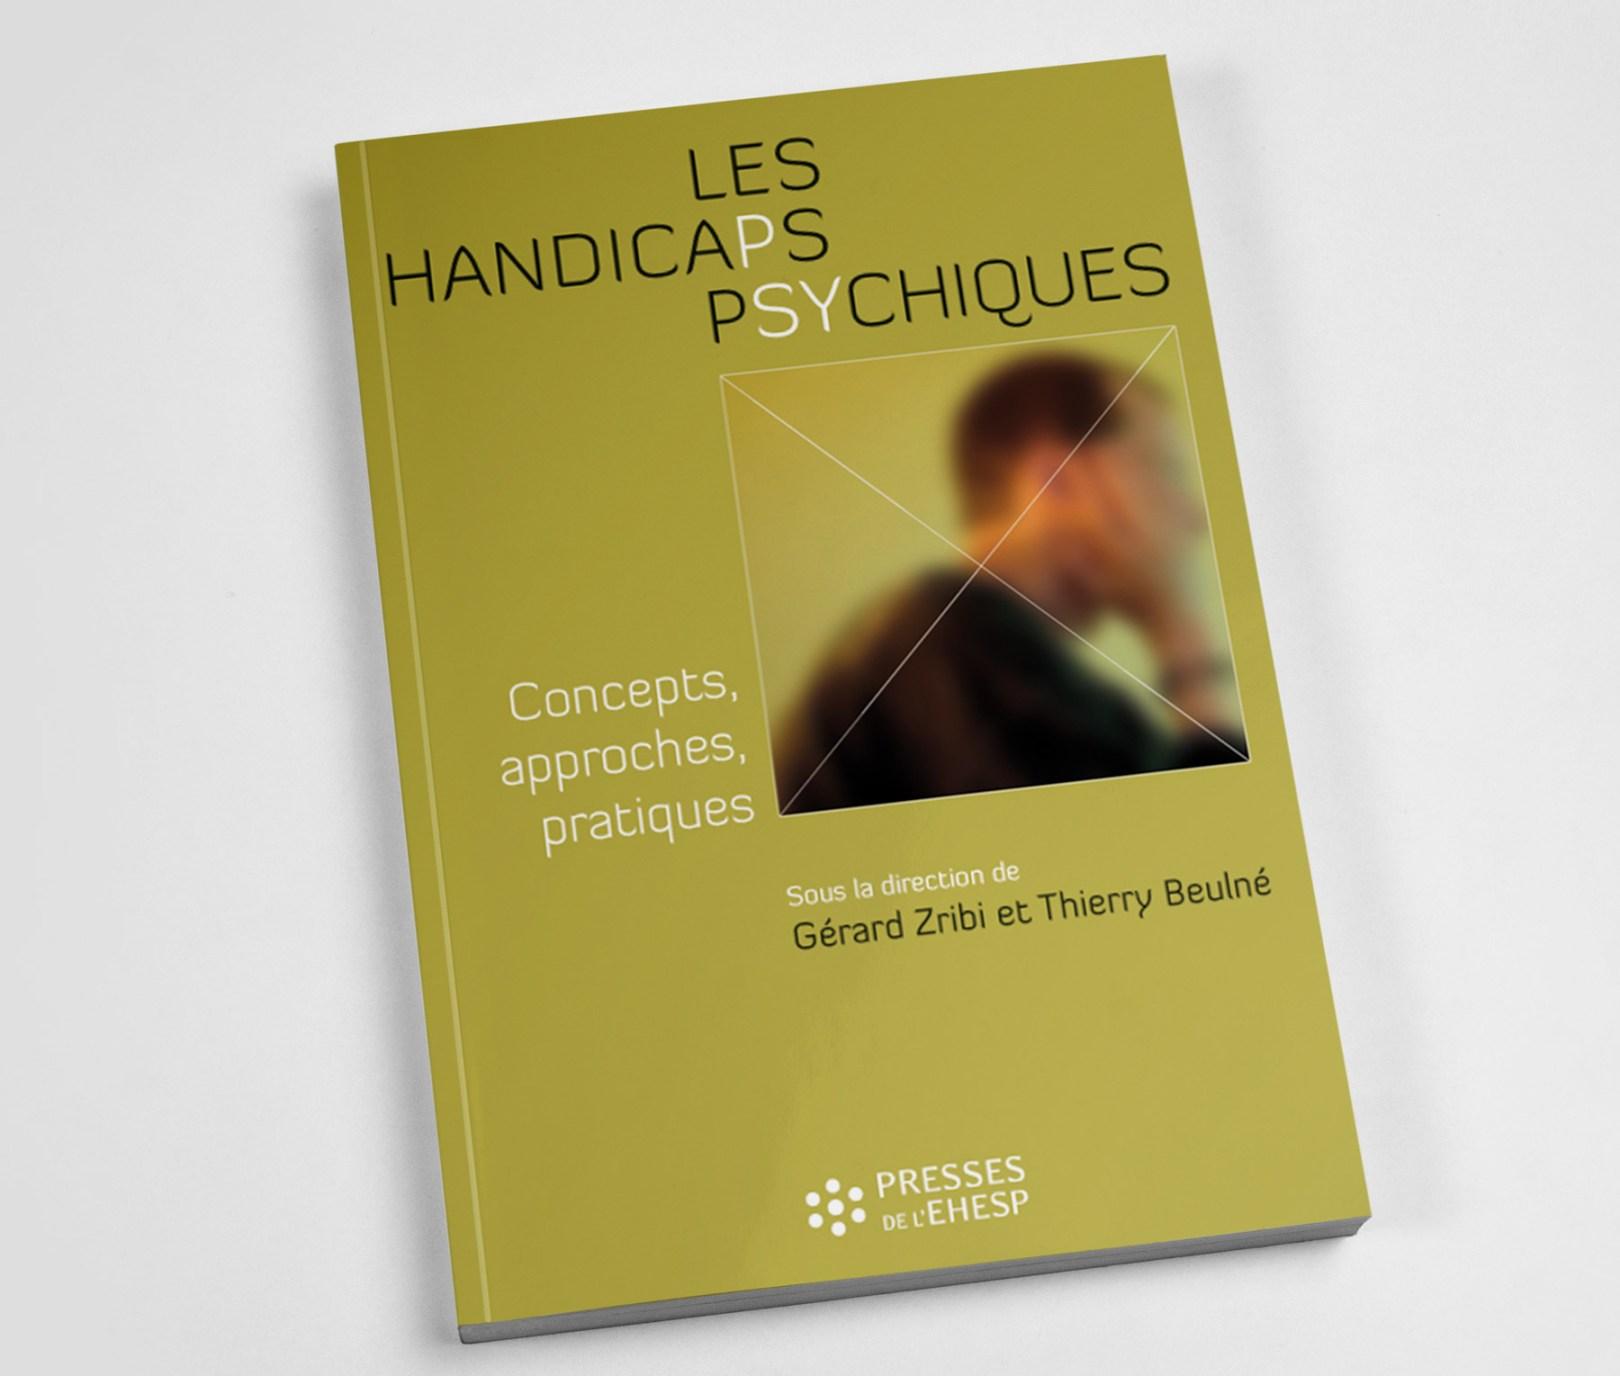 Publication Les handicaps psychiques par Gérard Zribi et Thierry Beulné